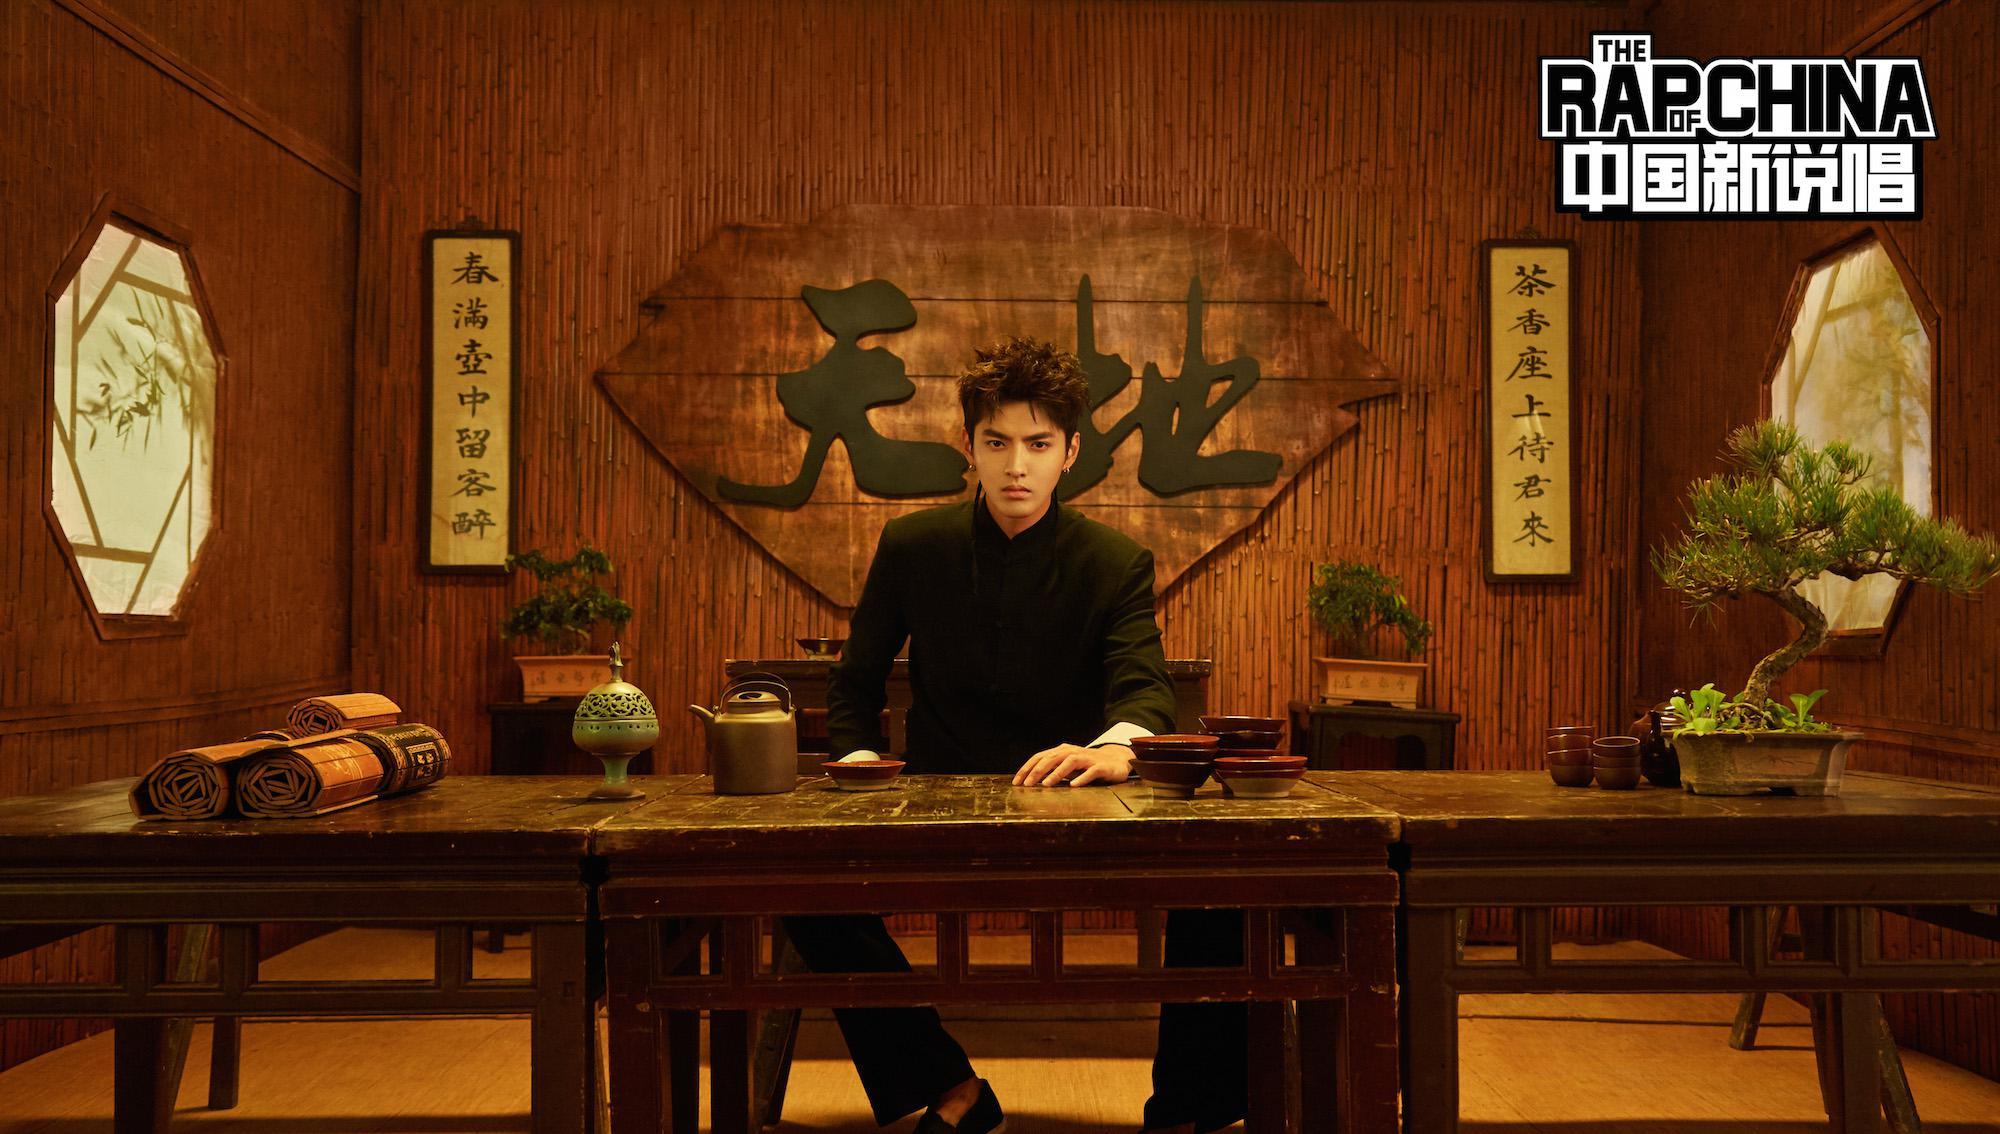 吴亦凡执导《中国新说唱》主题曲MV 走心打造中国风说唱